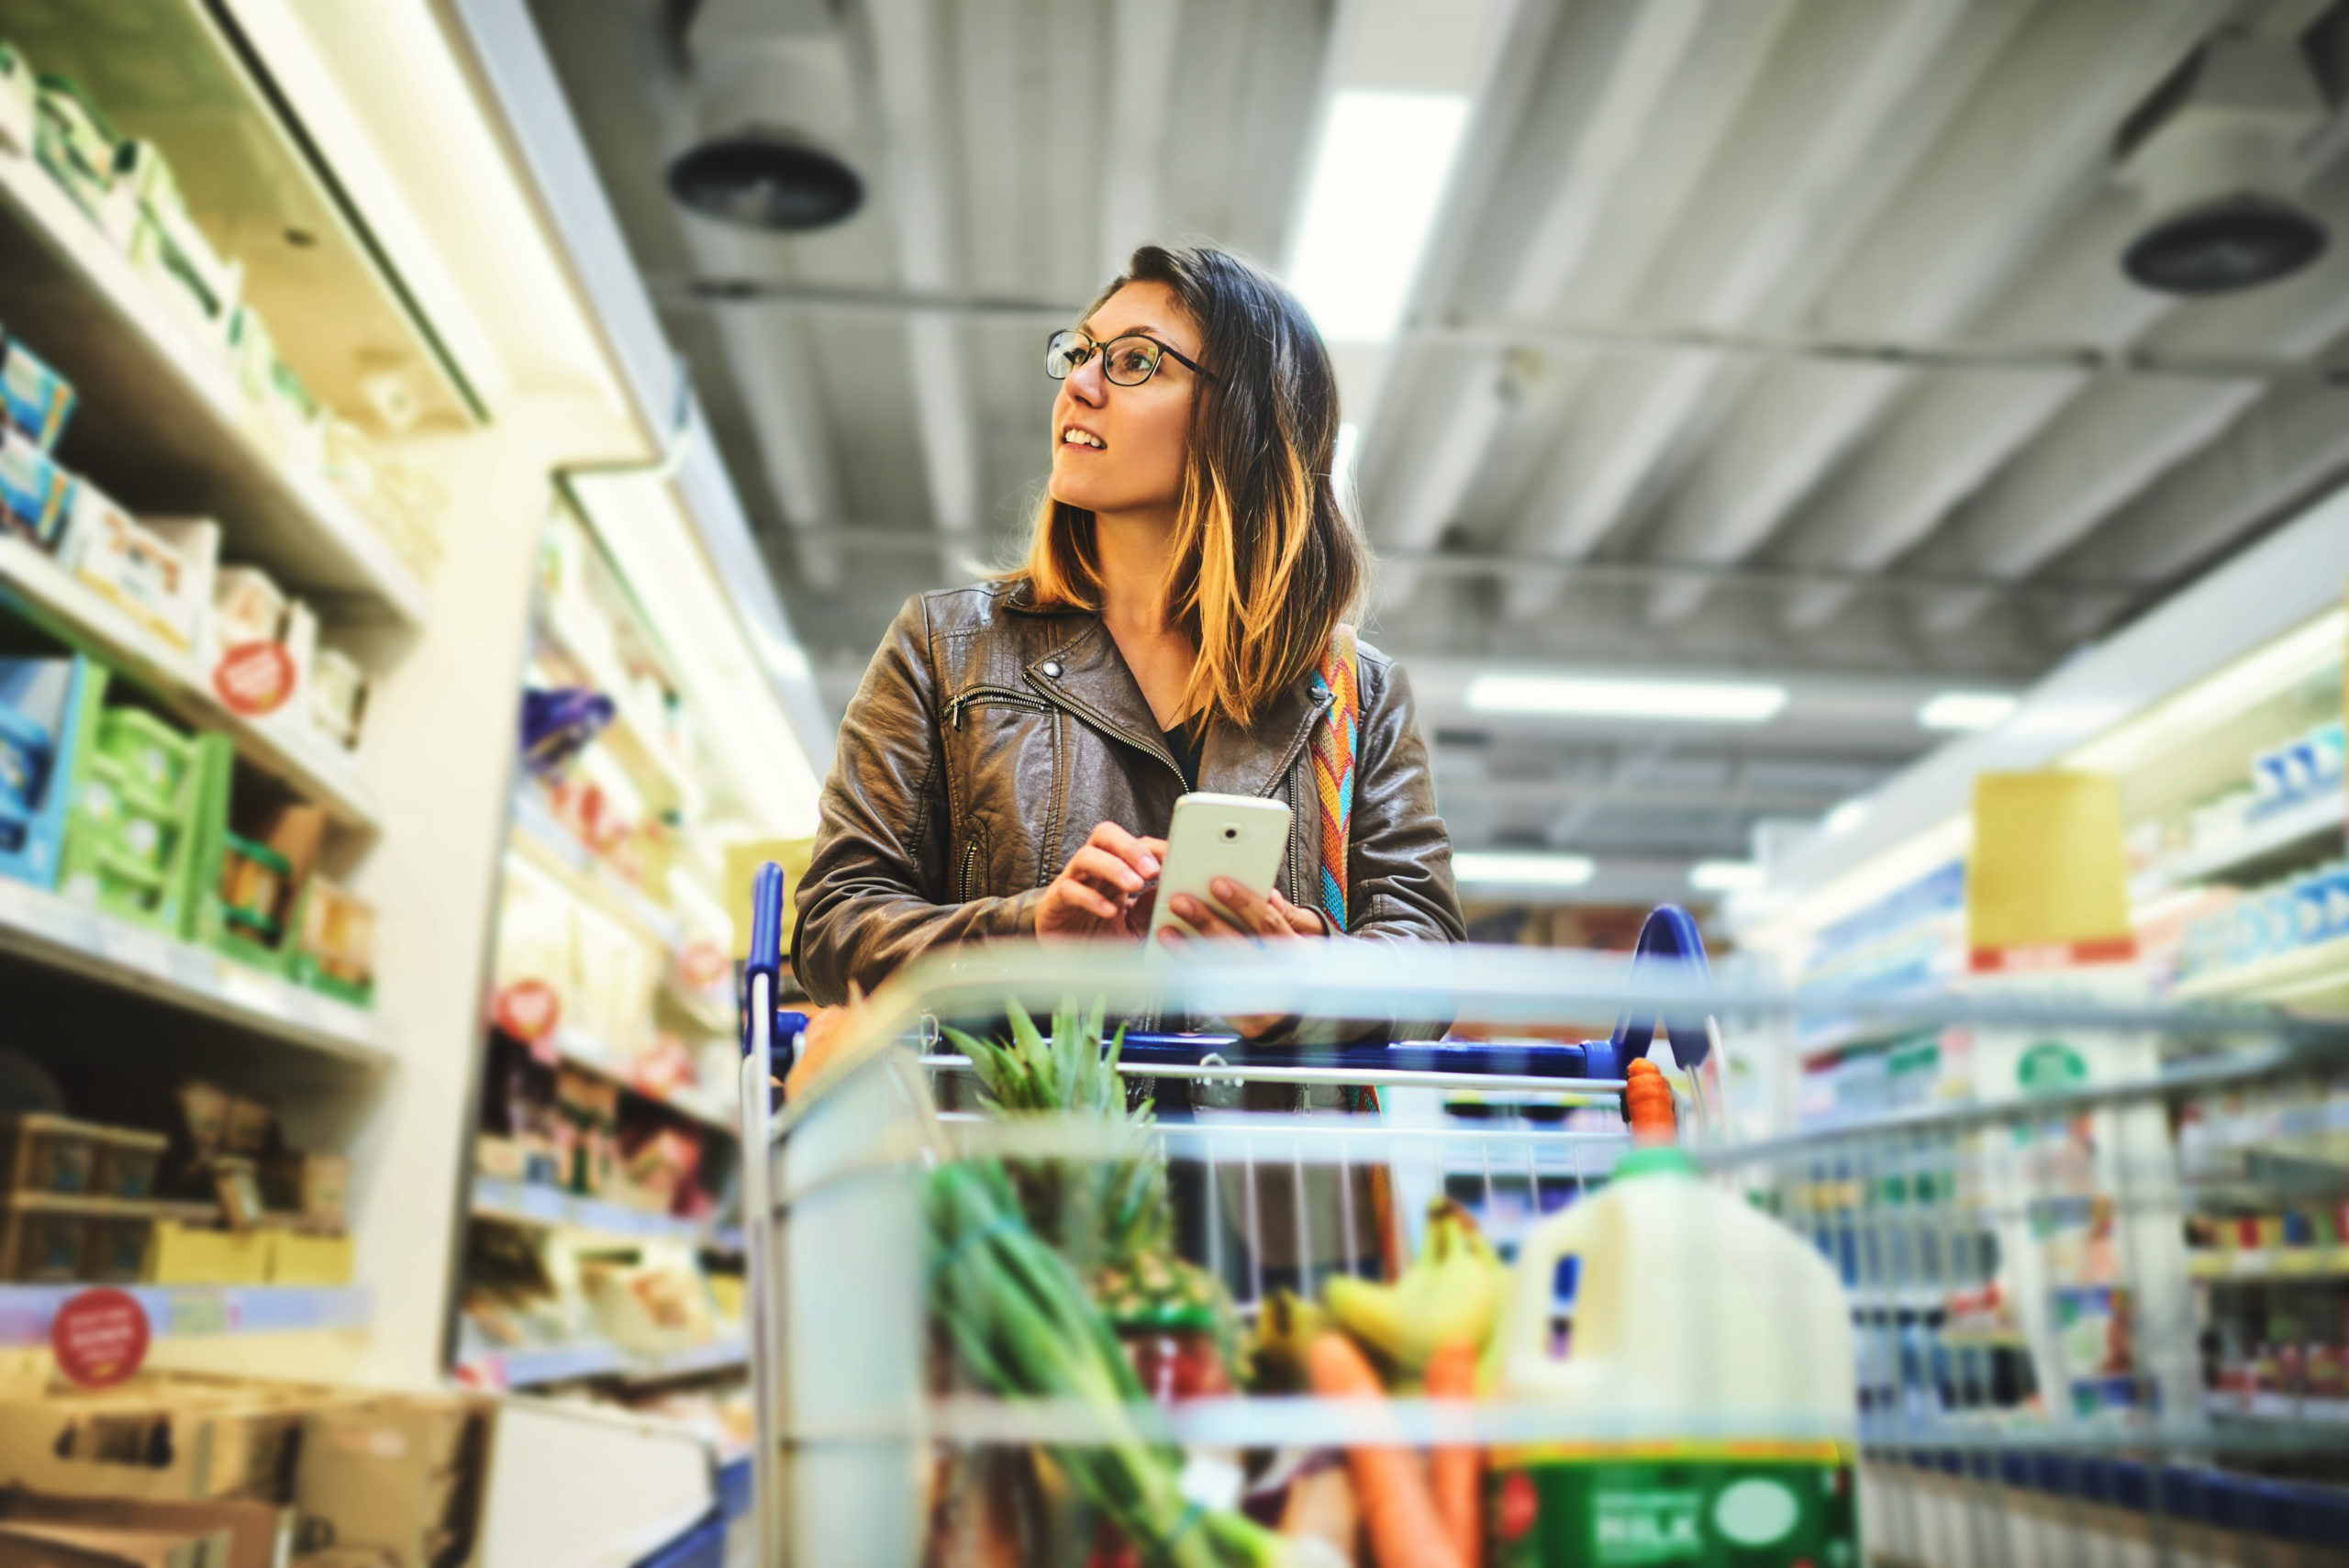 Perturbateurs endocriniens dans les produits du quotidien : bientôt un tout petit mieux informés